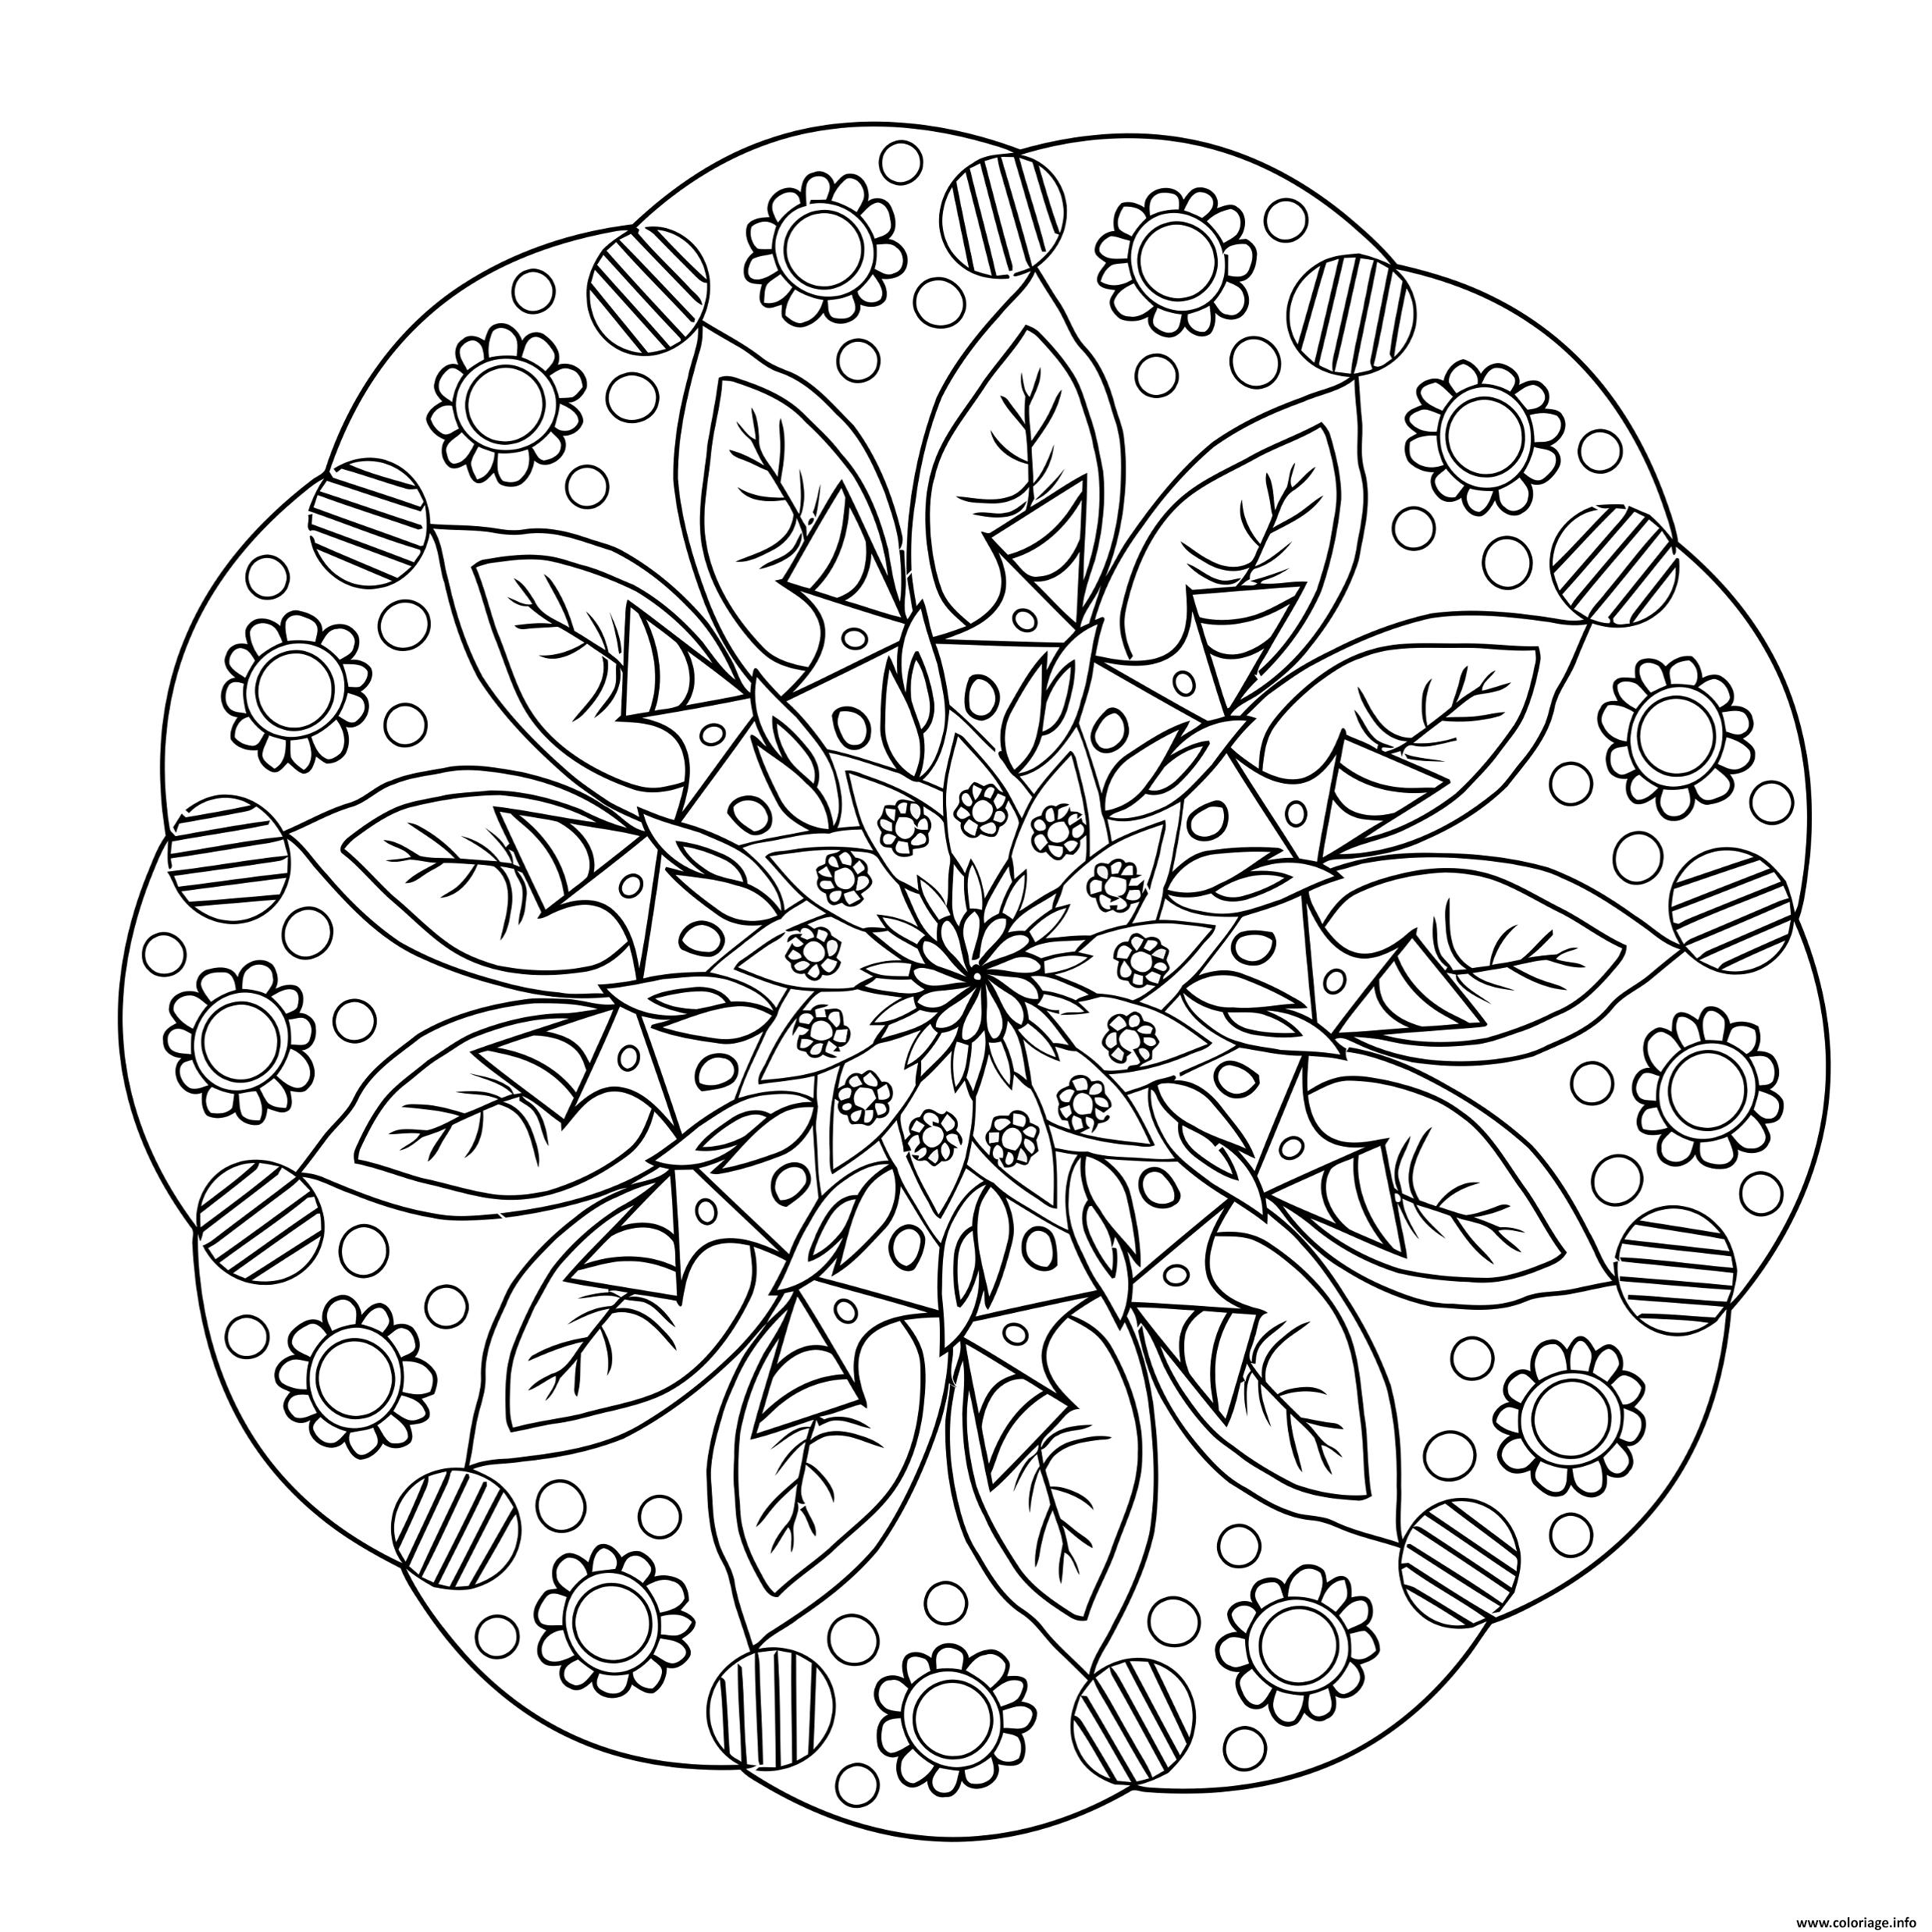 Dessin flowers mandala 2 Coloriage Gratuit à Imprimer